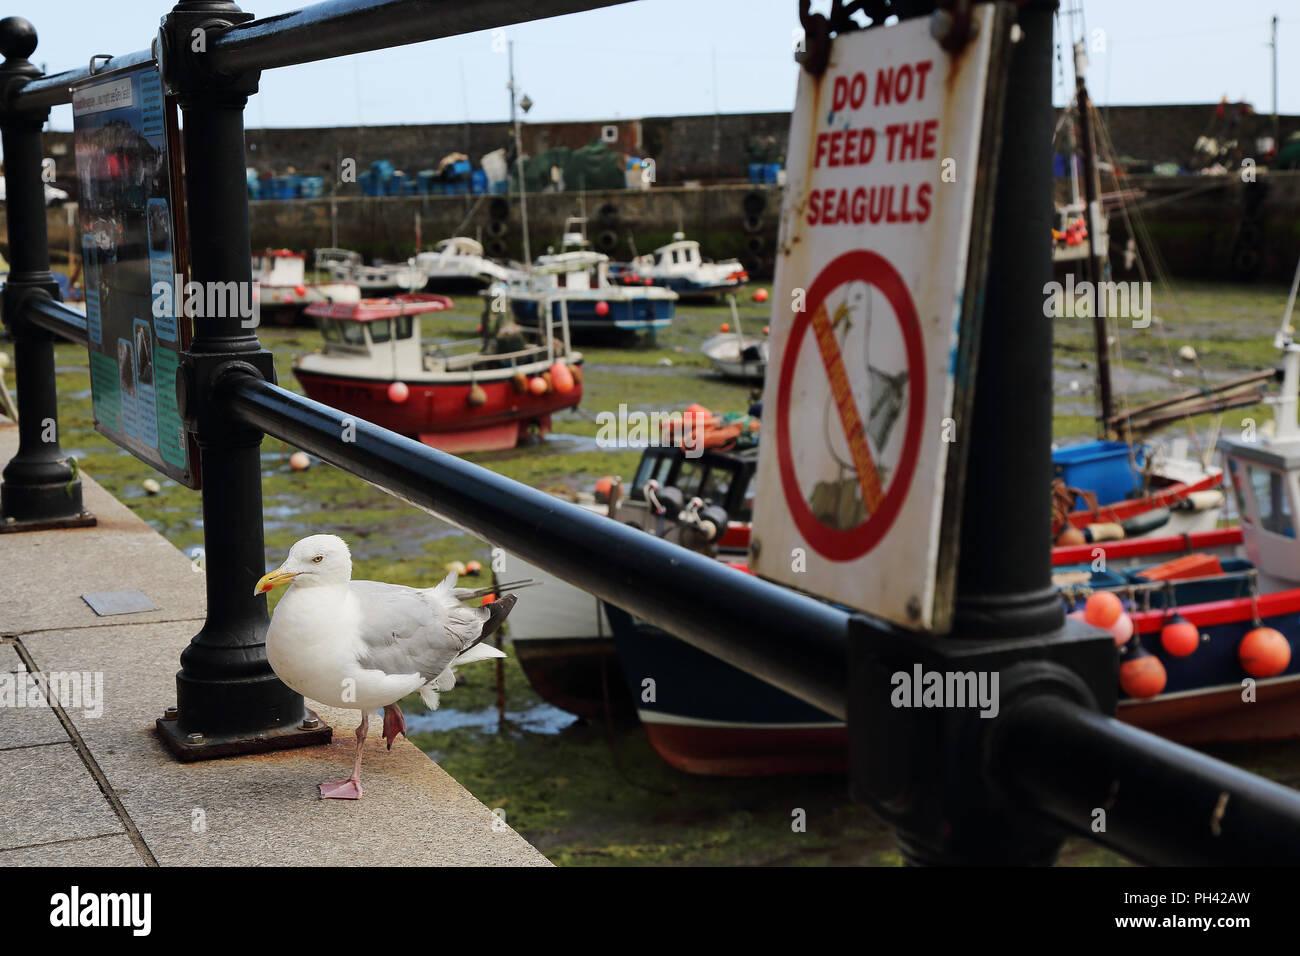 Une mouette se distingue par un avis interdisant l'alimentation de ces oiseaux à Mevagissey Harbour, Cornwall, UK. Photo Stock